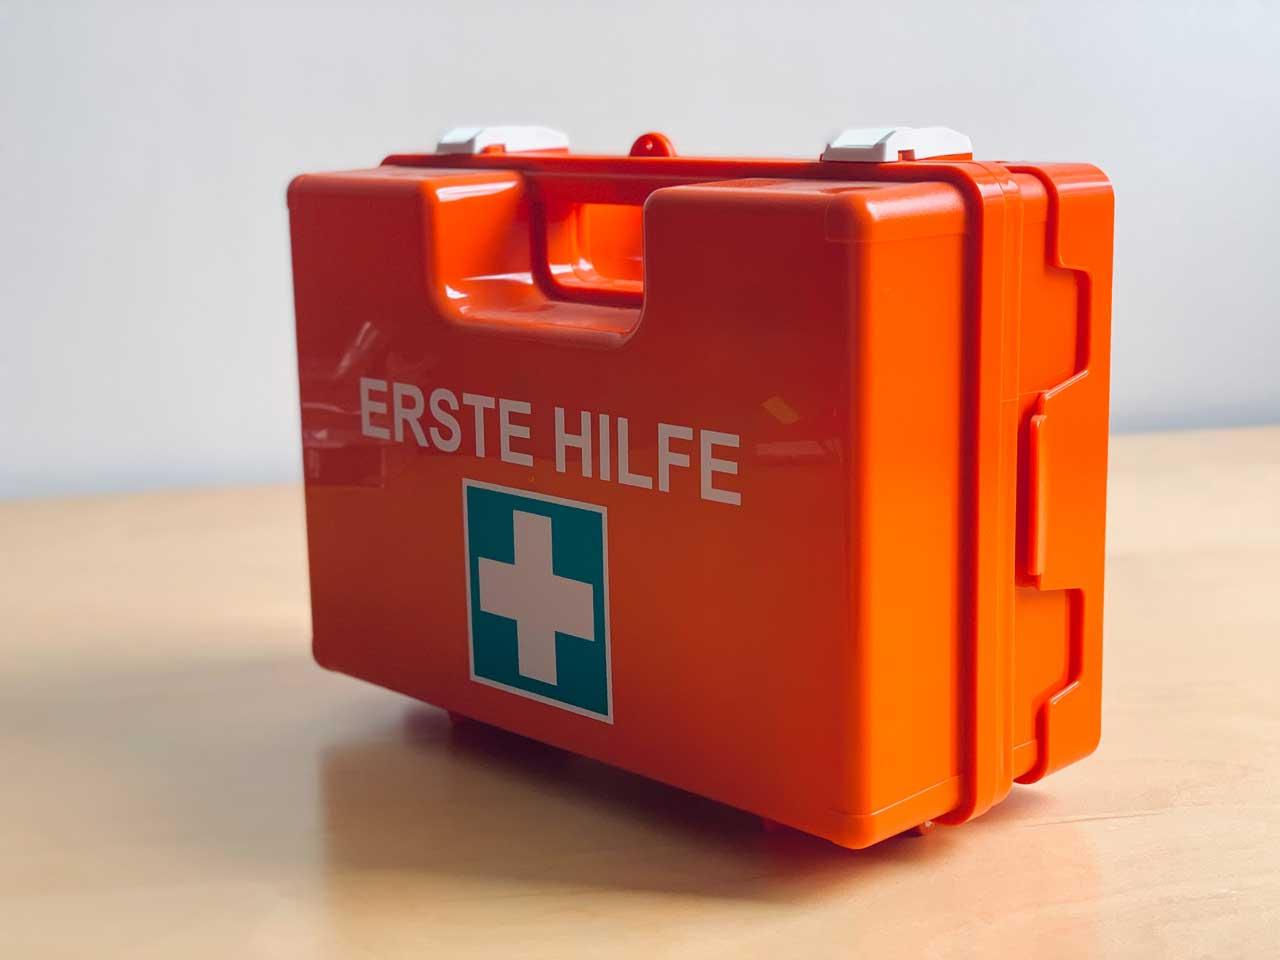 Erste-Hilfe-Koffer Soforthilfe-Paket - Webdesign SEO OnlineMarketing